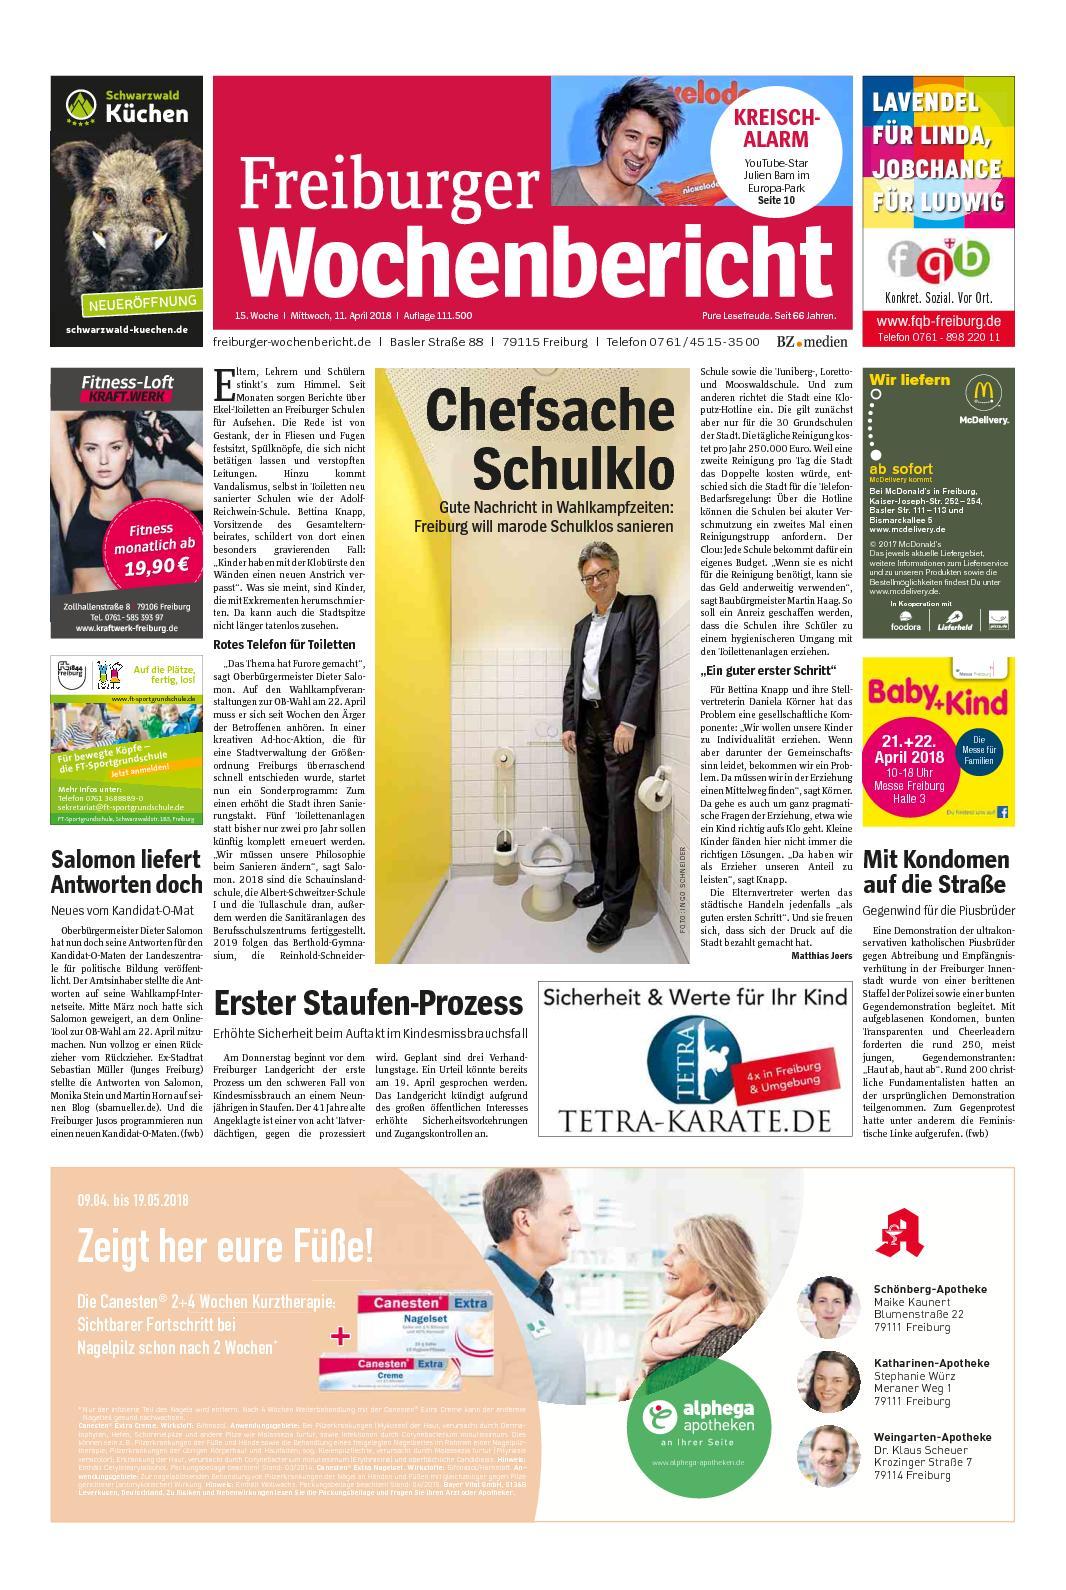 Ordentlich Winterhalder & Hofmeier Gmbh Neustadt Baden Originaler Schlagstempel Uhrmacher